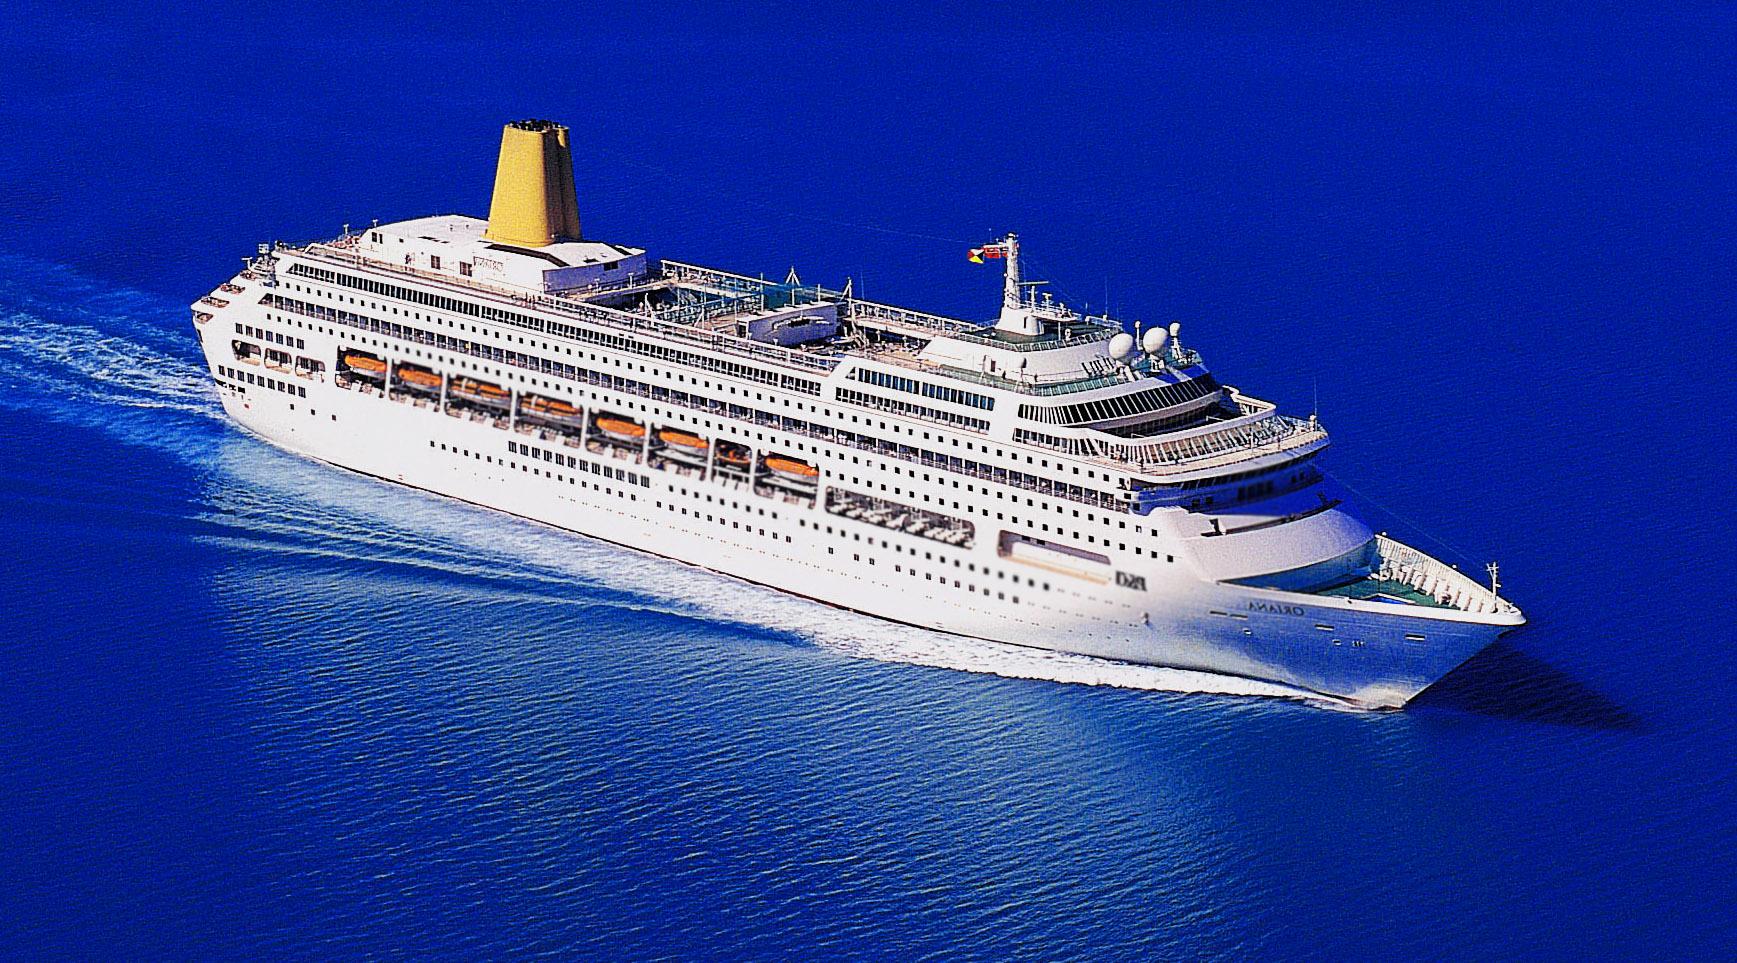 Reportan en ensenada crecimiento en turismo de cruceros peri dico enfoque poder informativo - Mes del crucero ...